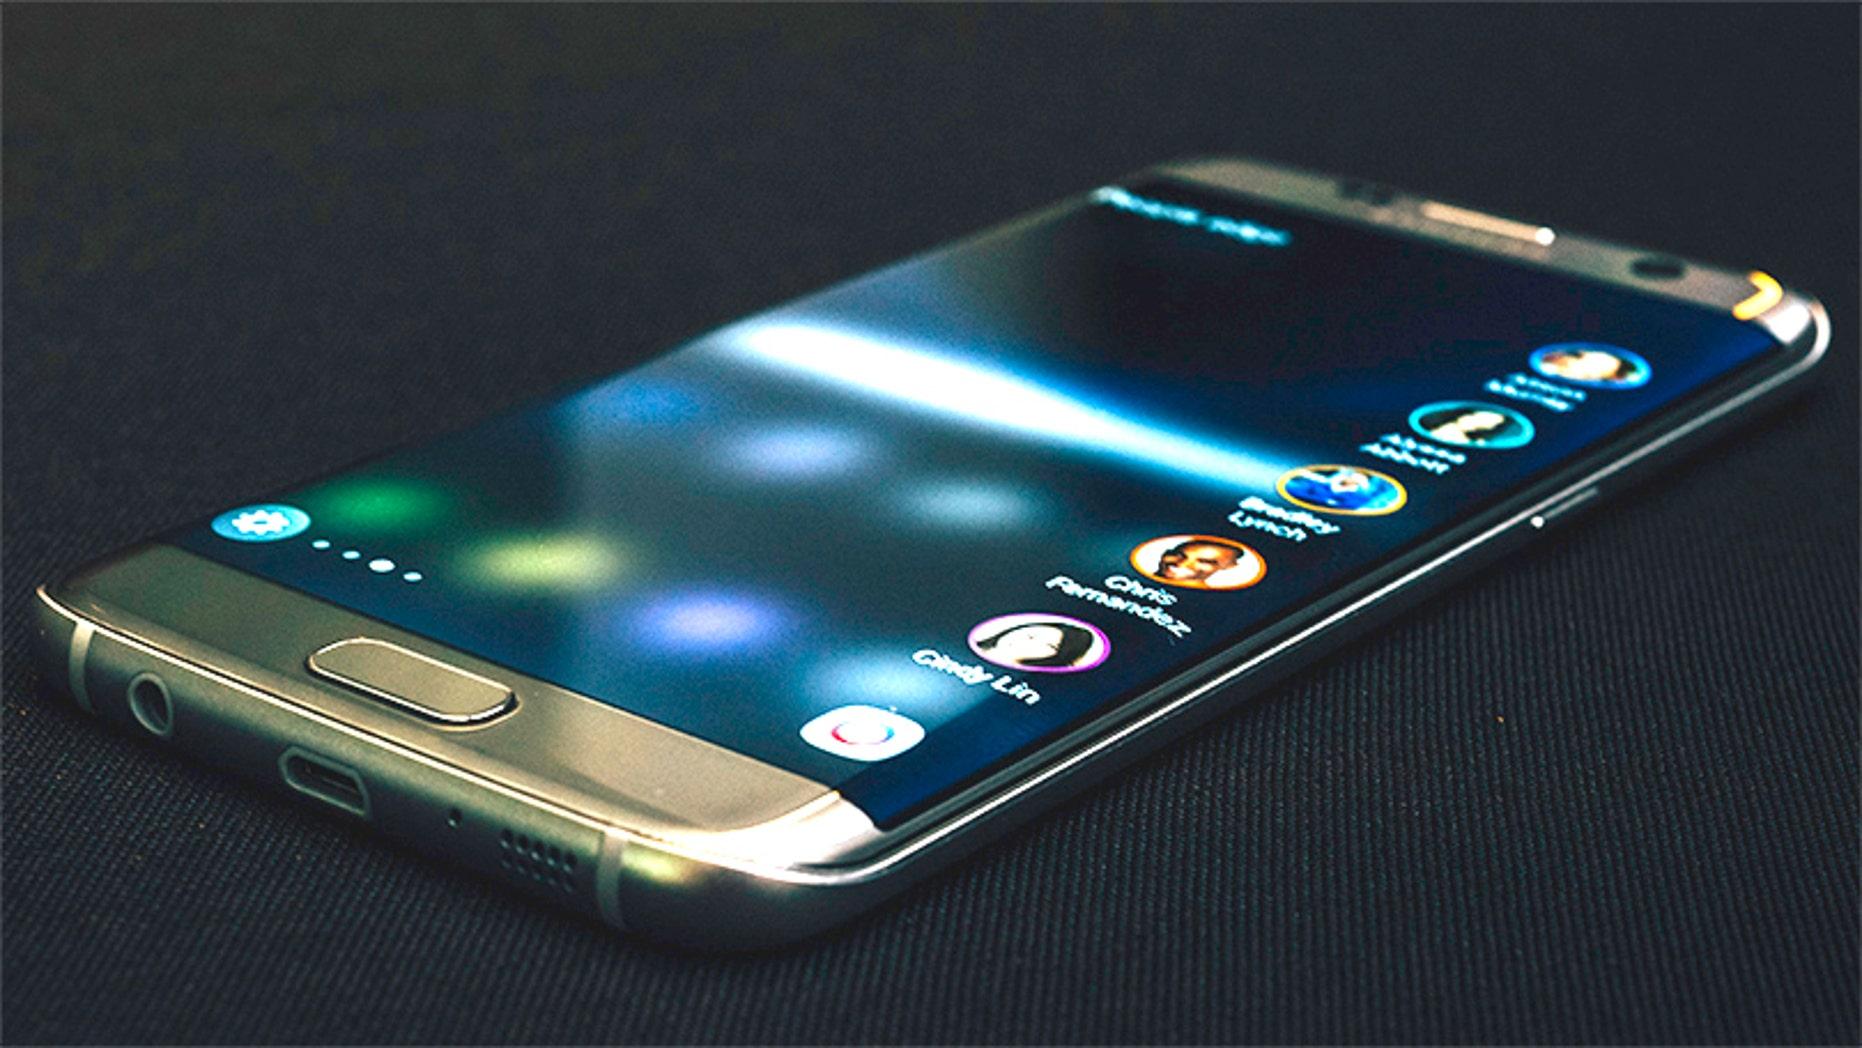 Samsung Galaxy S7 Edge (PC Mag)